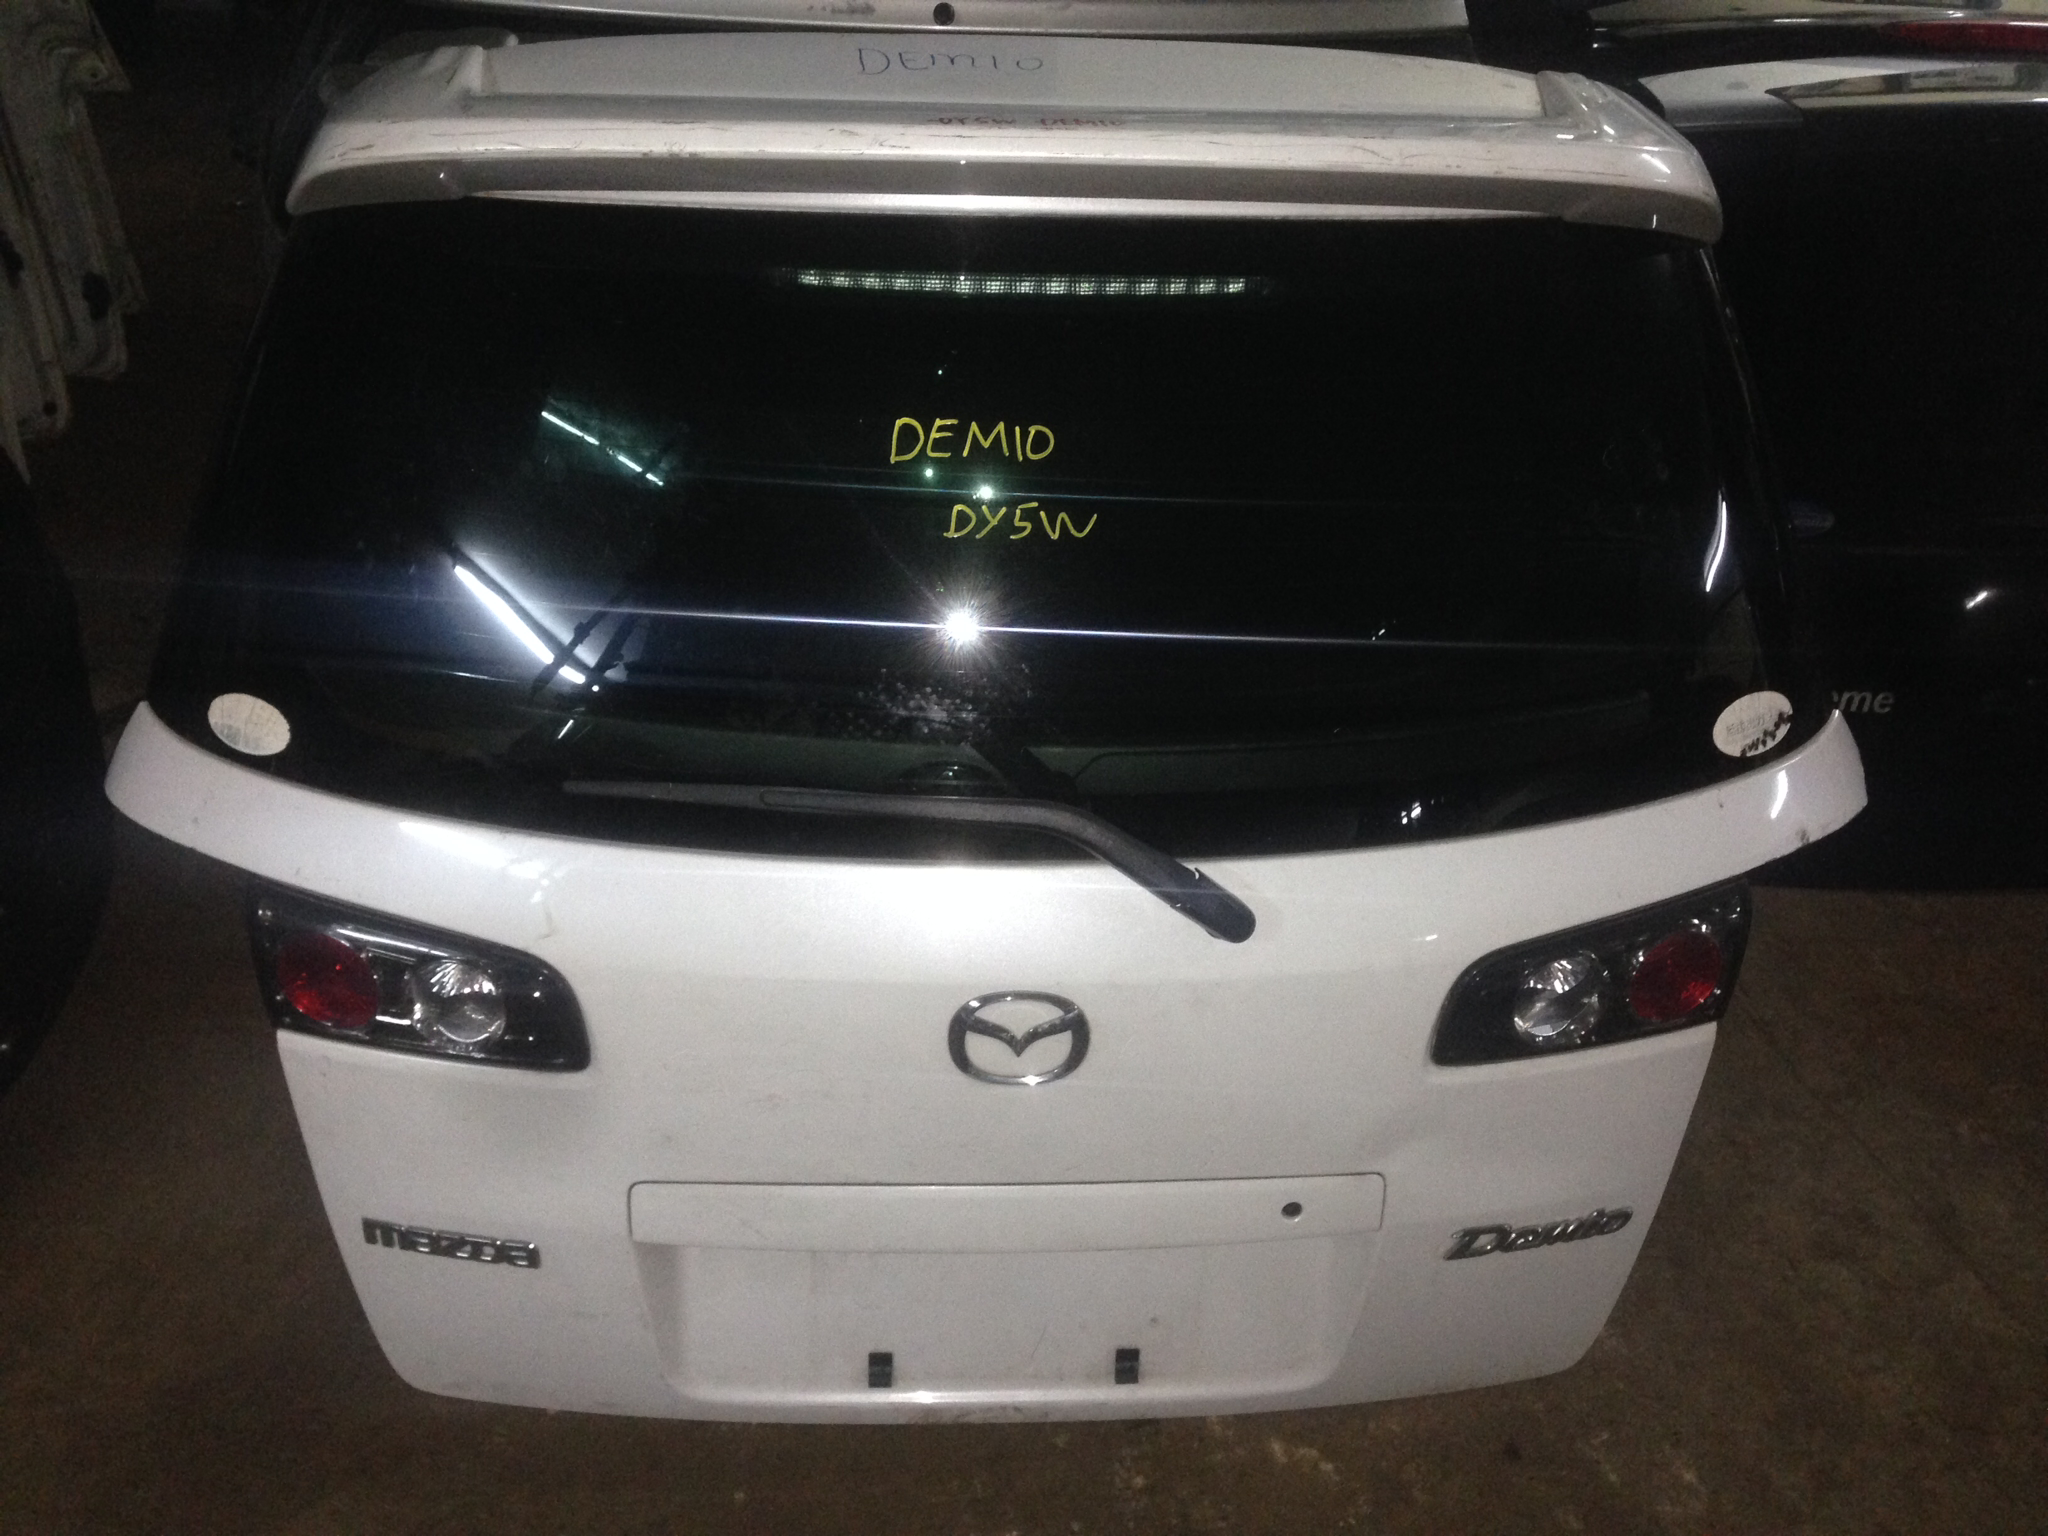 Mazda demio boot door 00957